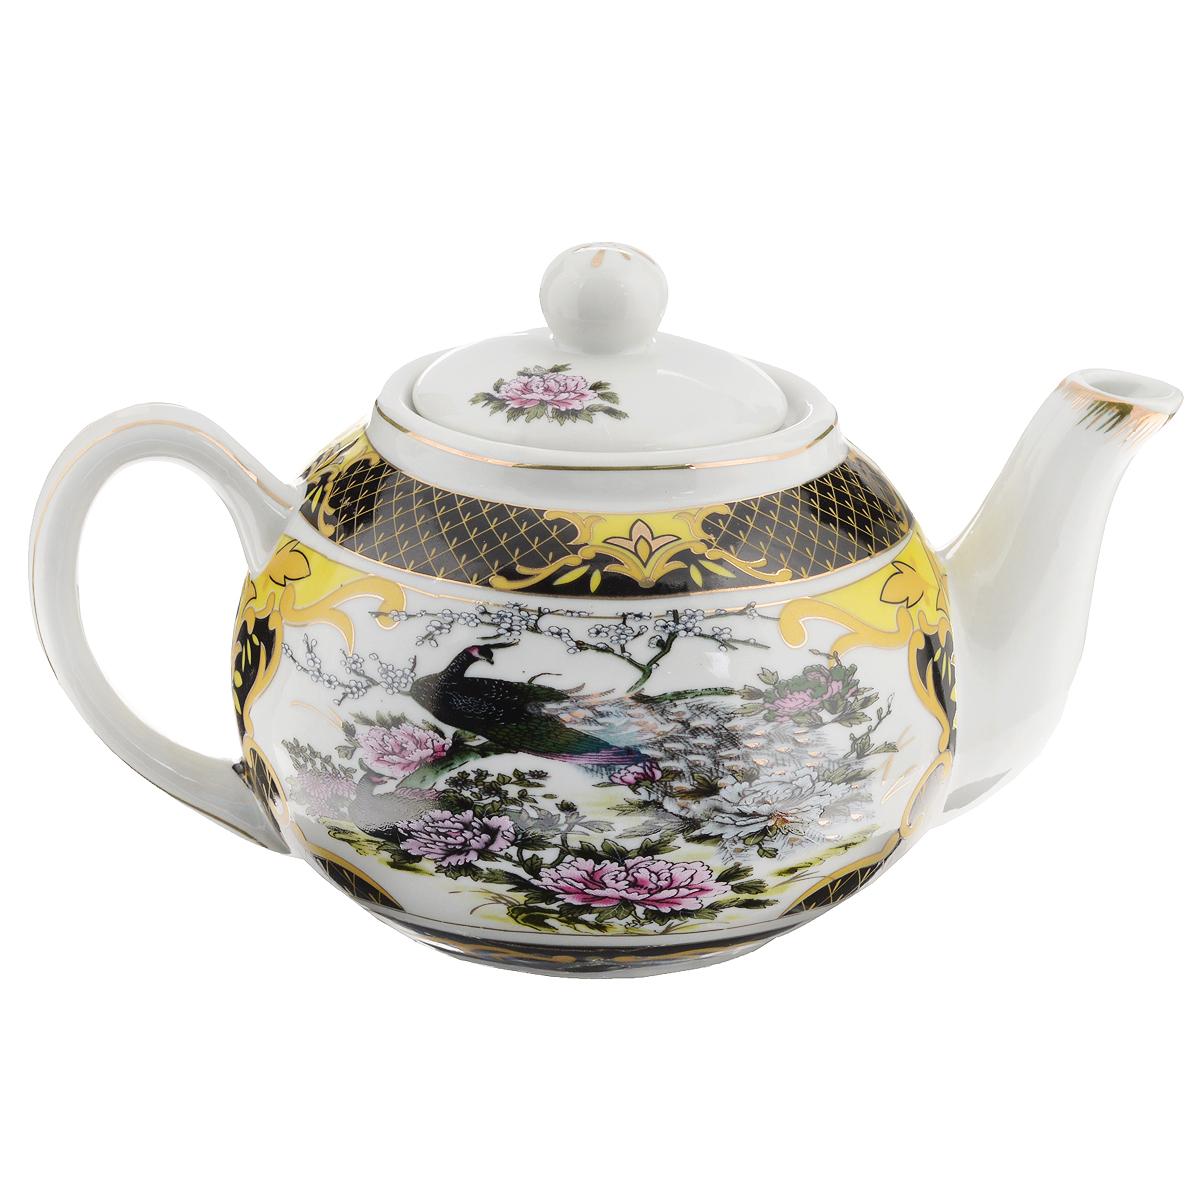 Чайник заварочный Briswild Сказочный павлин, 700 мл. 523-123523-123Чайник заварочный Briswild Сказочный павлин изготовлен из высококачественного фарфора. Чайник декорирован изображением павлинов и золотой каймой. Такой дизайн, несомненно, придется по вкусу и любителям классики, и тем кто ценит красоту и изящество. Чайник заварочный Briswild Сказочный павлин украсит ваш кухонный стол, а также станет замечательным подарком к любому празднику. Не использовать в микроволновой печи. Не применять абразивные чистящие вещества.Объем: 700 мл. Размеры чайника без крышки (ДхШхВ): 20 см х 11,5 см х 9 см.